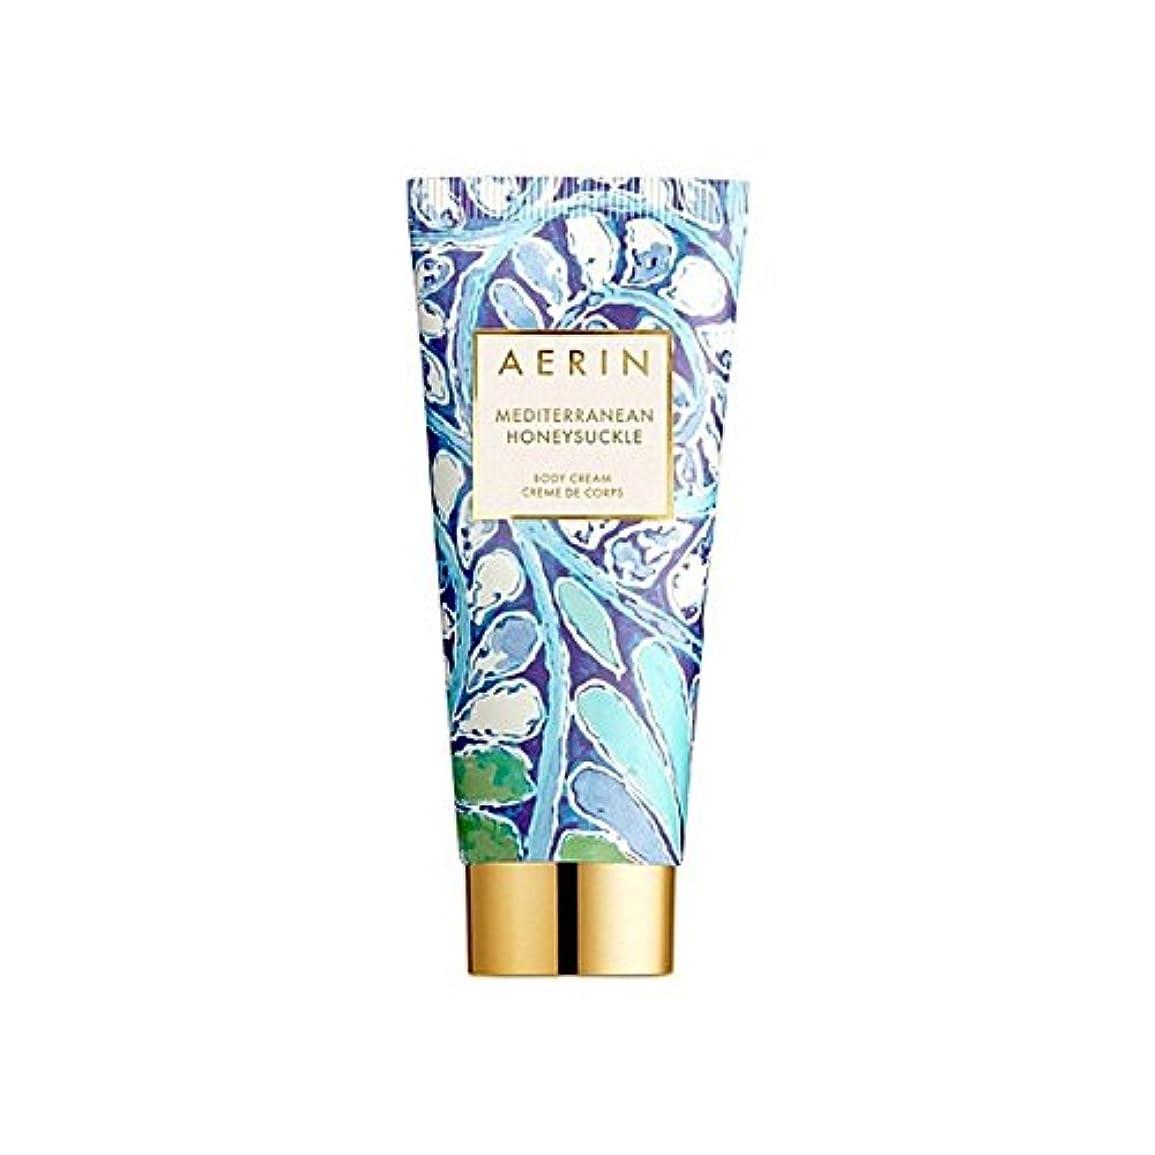 ピアース周波数クレデンシャルAerin Mediterrenean Honeysuckle Body Cream 150ml (Pack of 6) - スイカズラボディクリーム150ミリリットル x6 [並行輸入品]